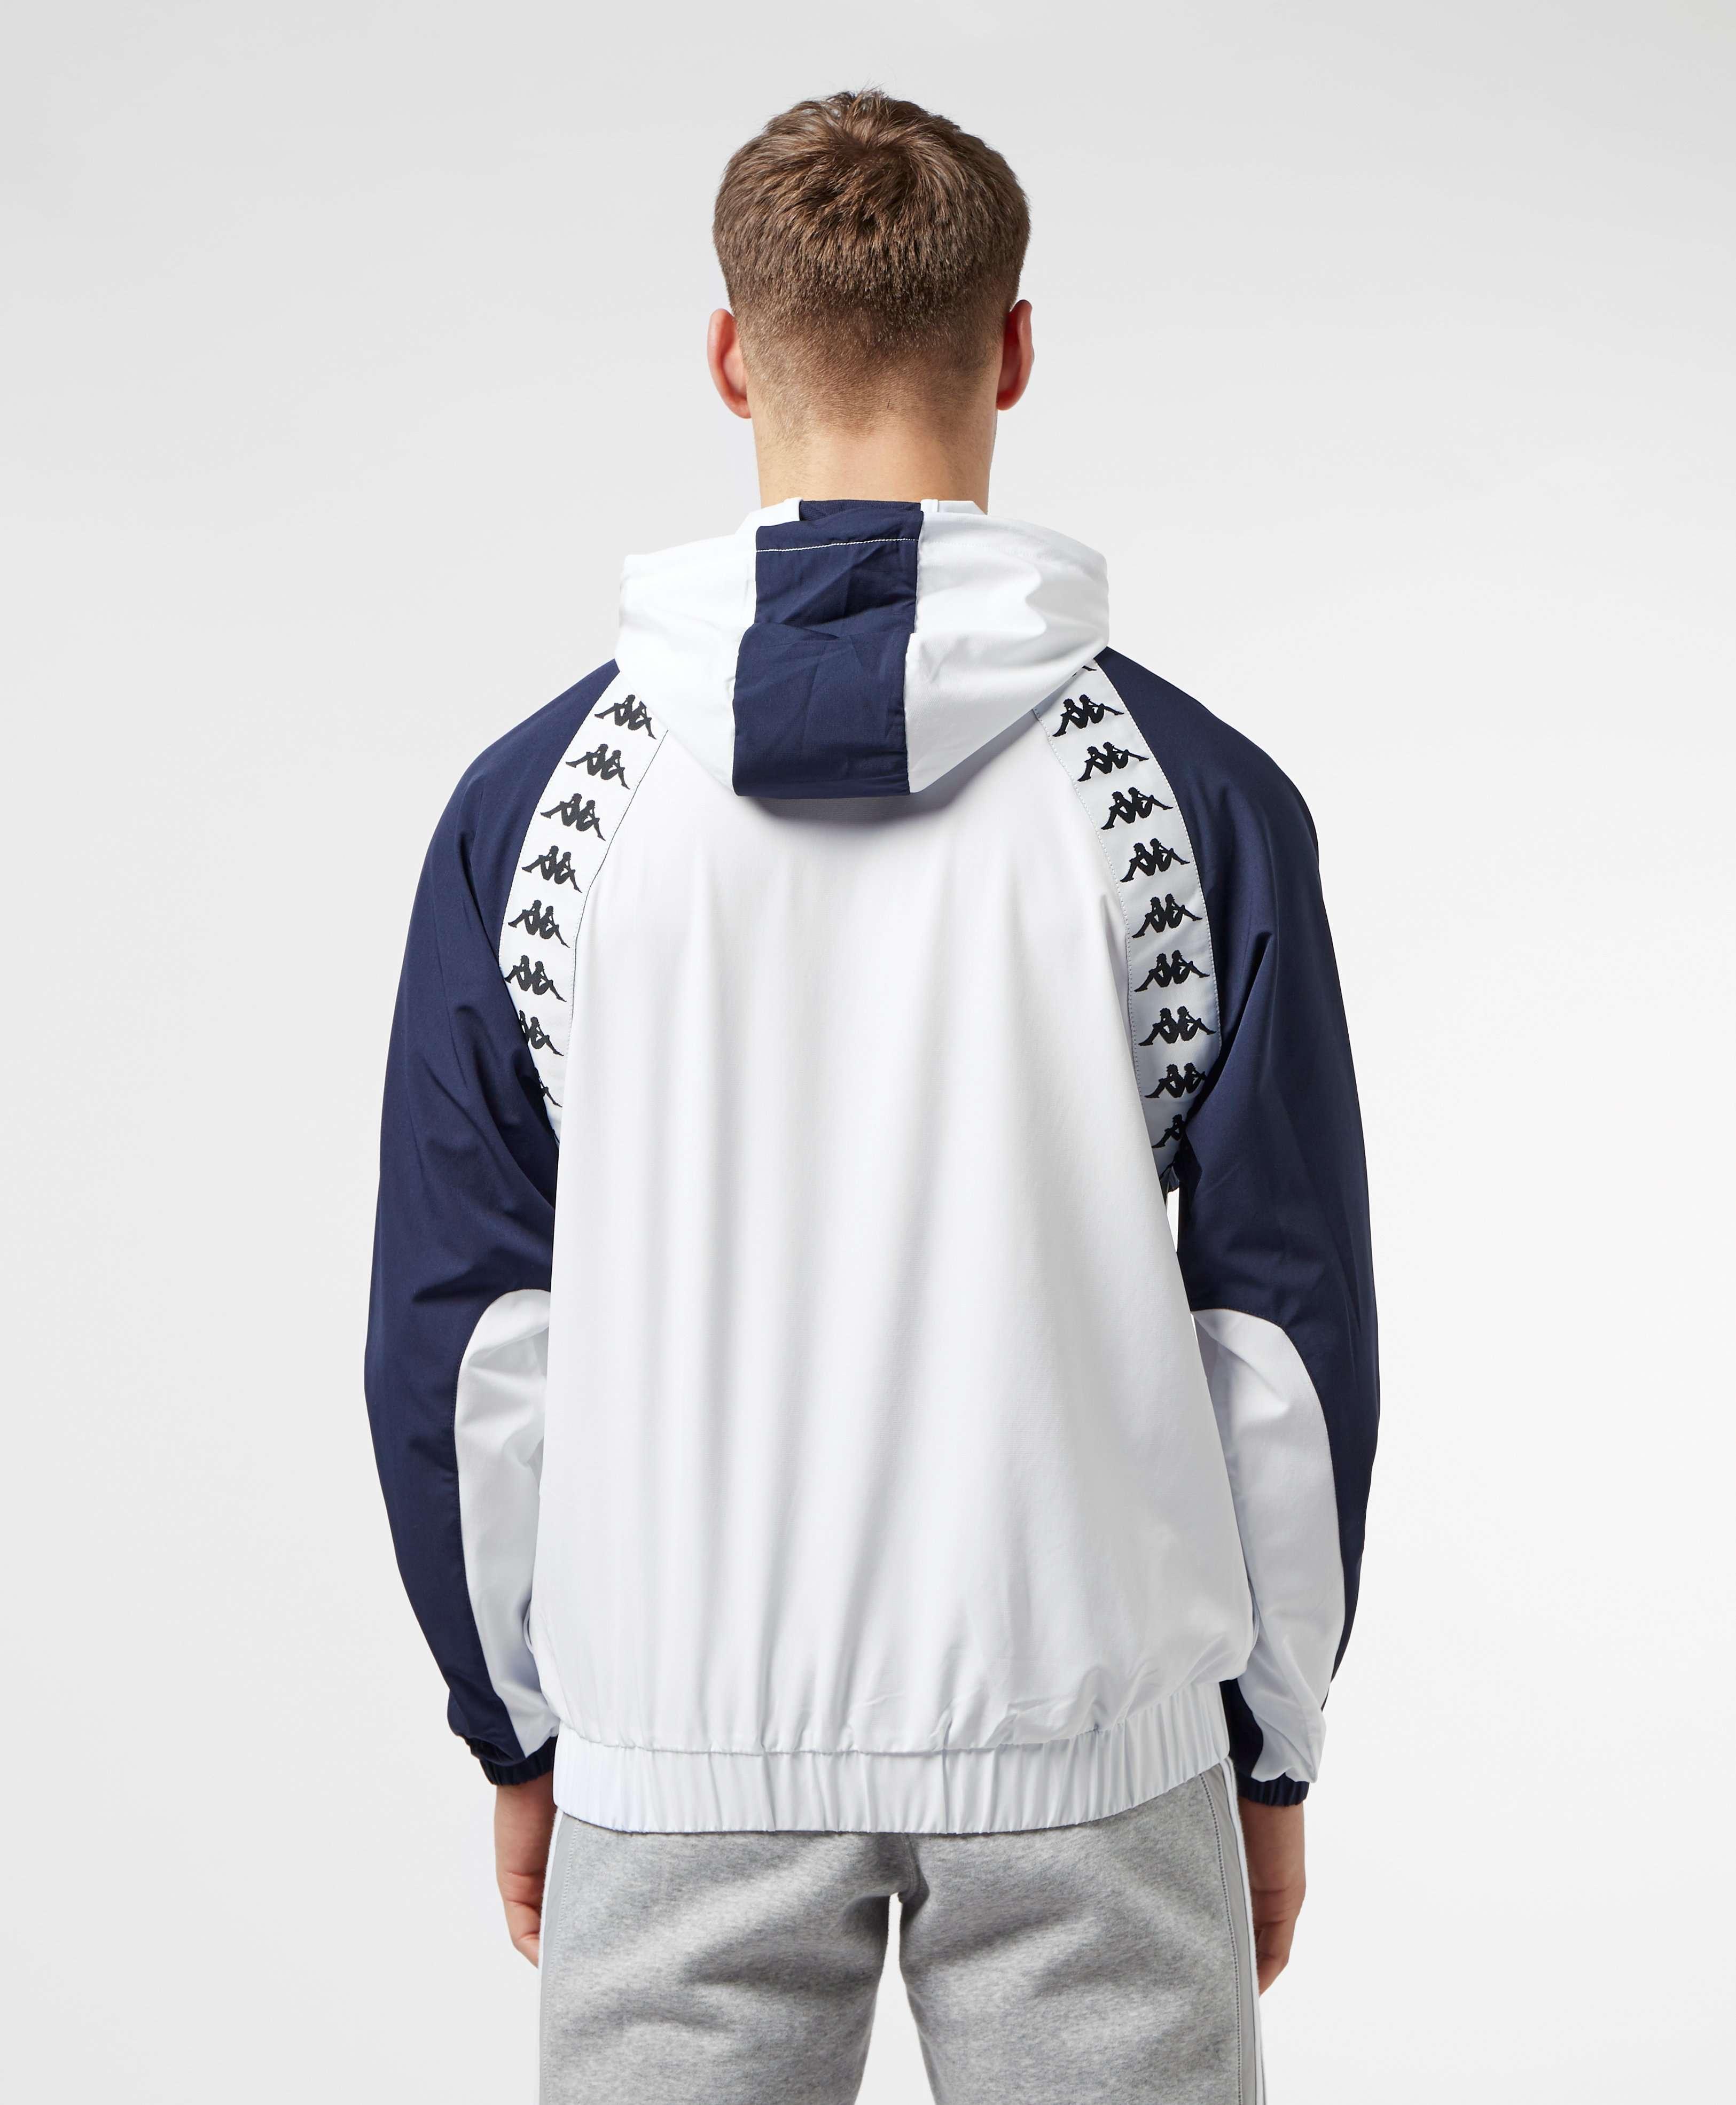 Kappa Bakit Overhead Windrunner Jacket